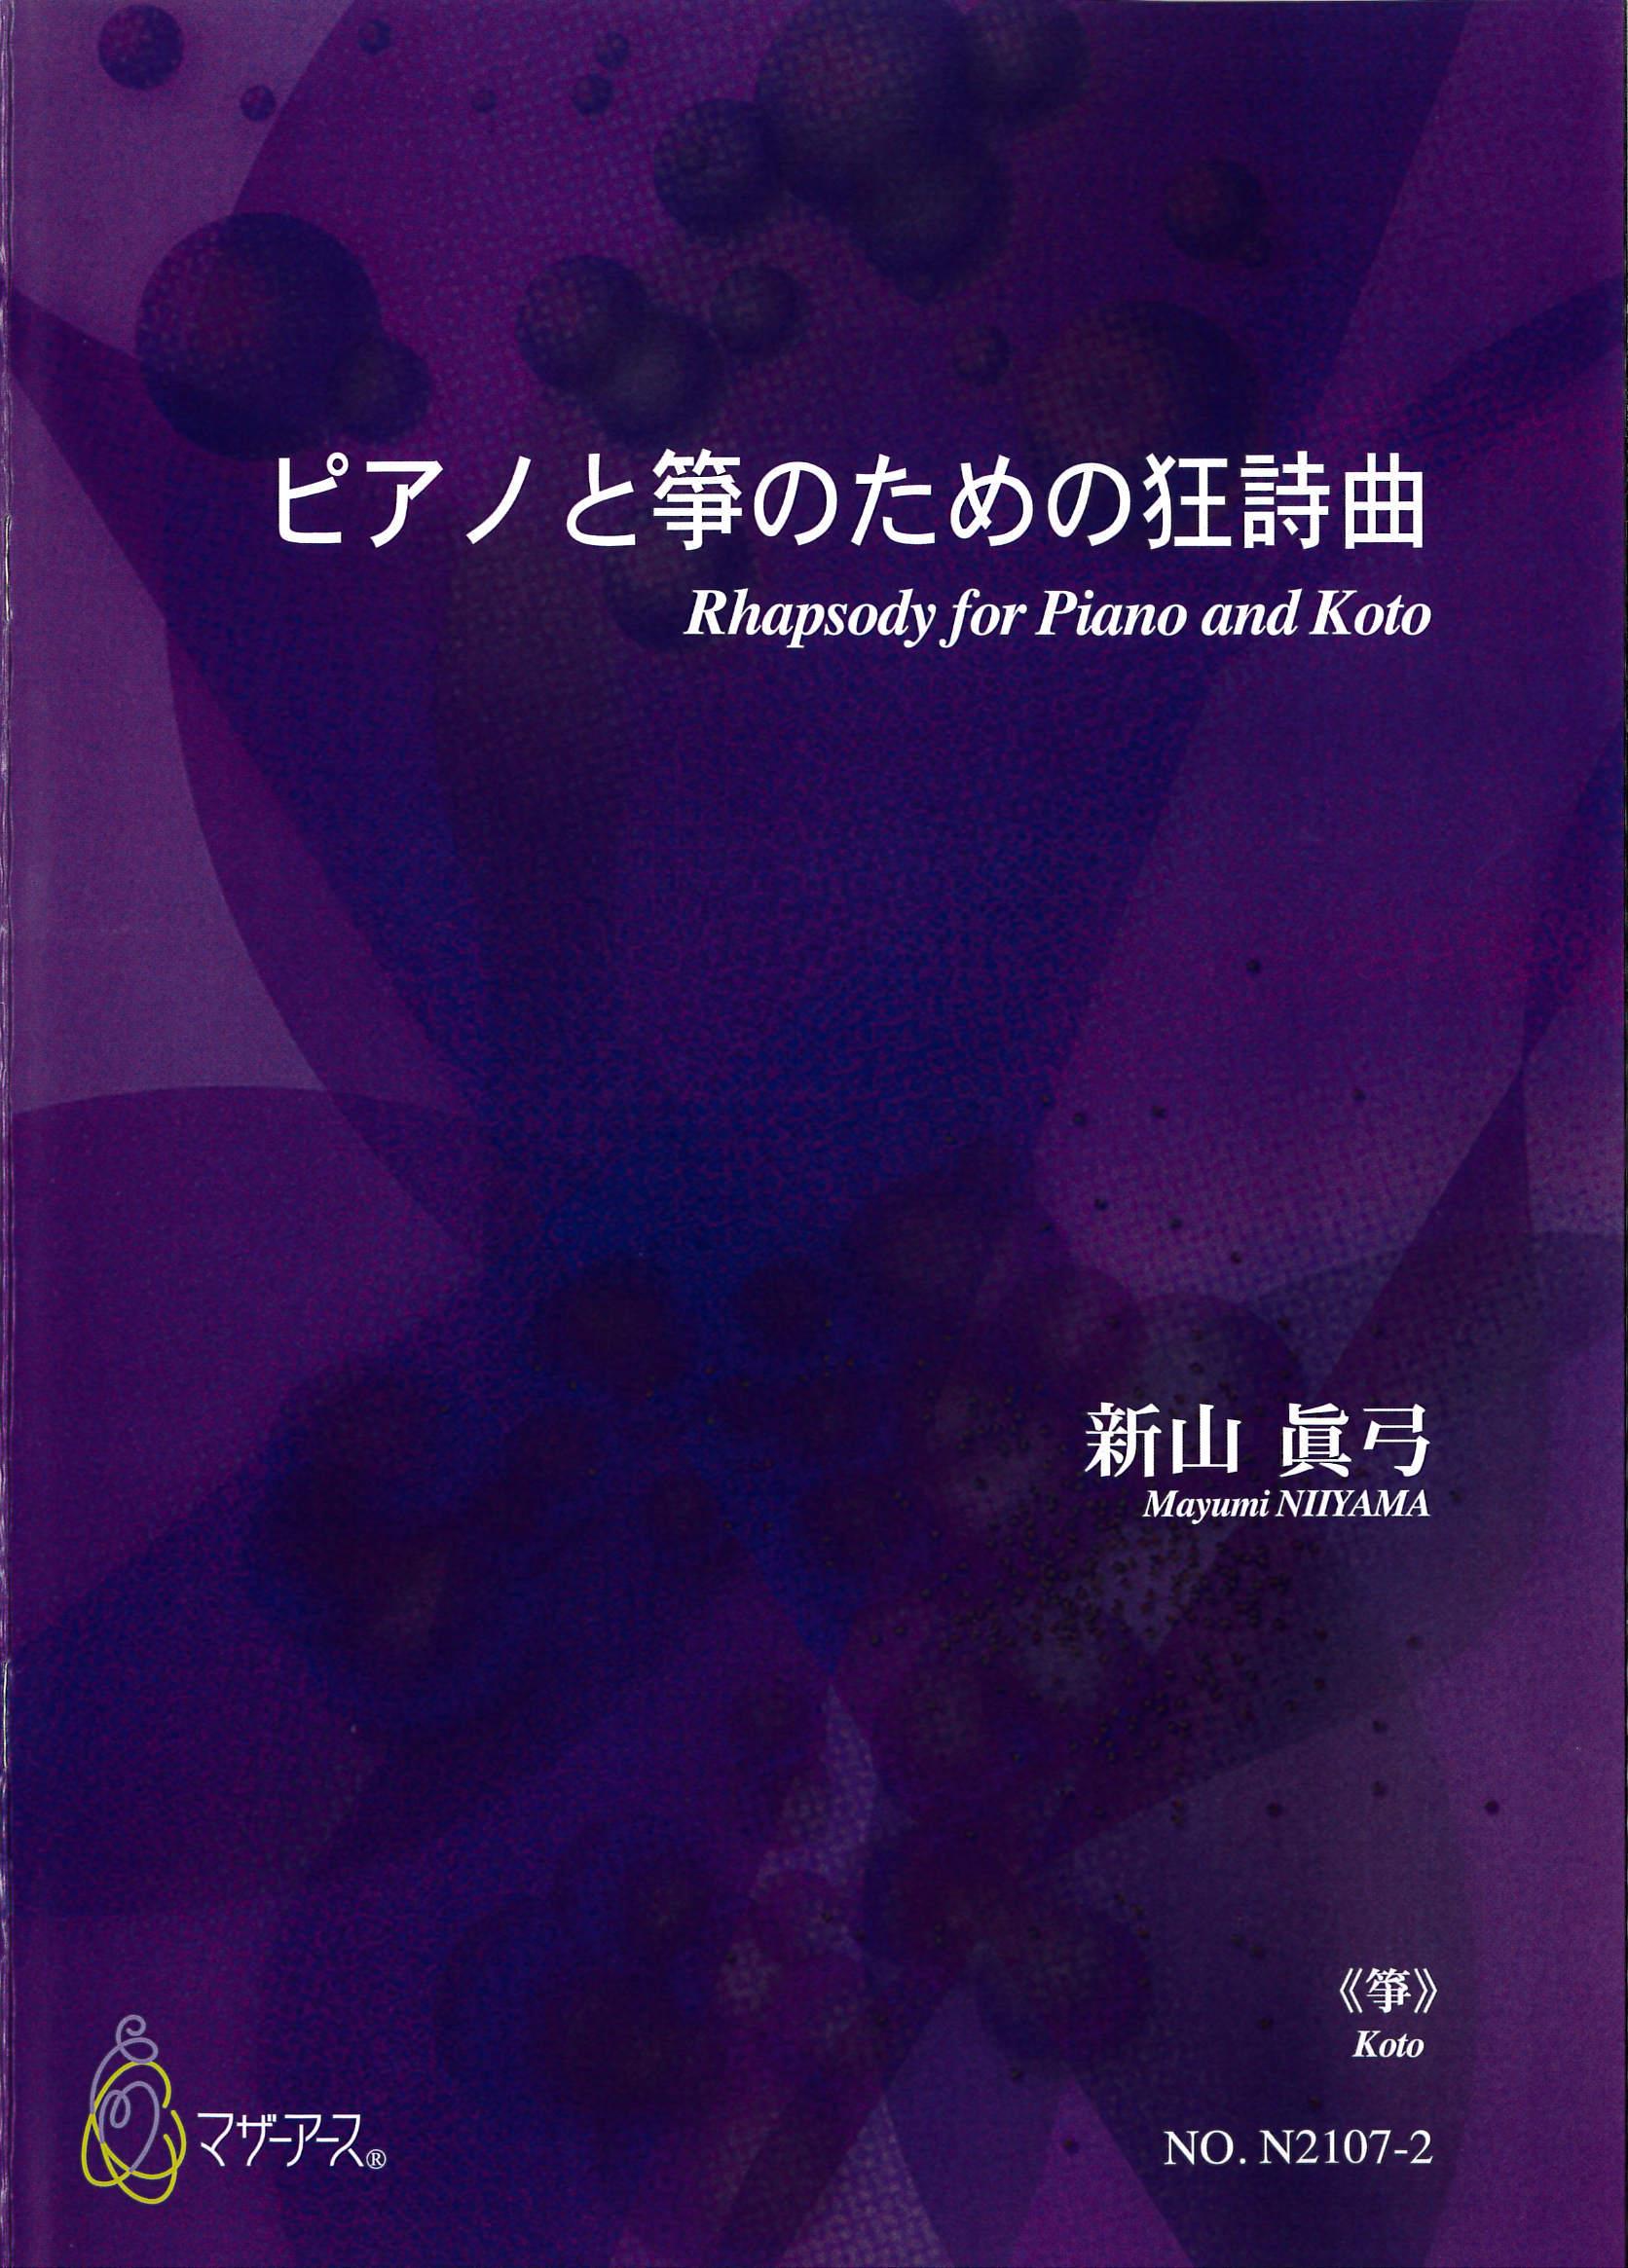 楽譜 ピアノと箏のための狂詩曲[5693]